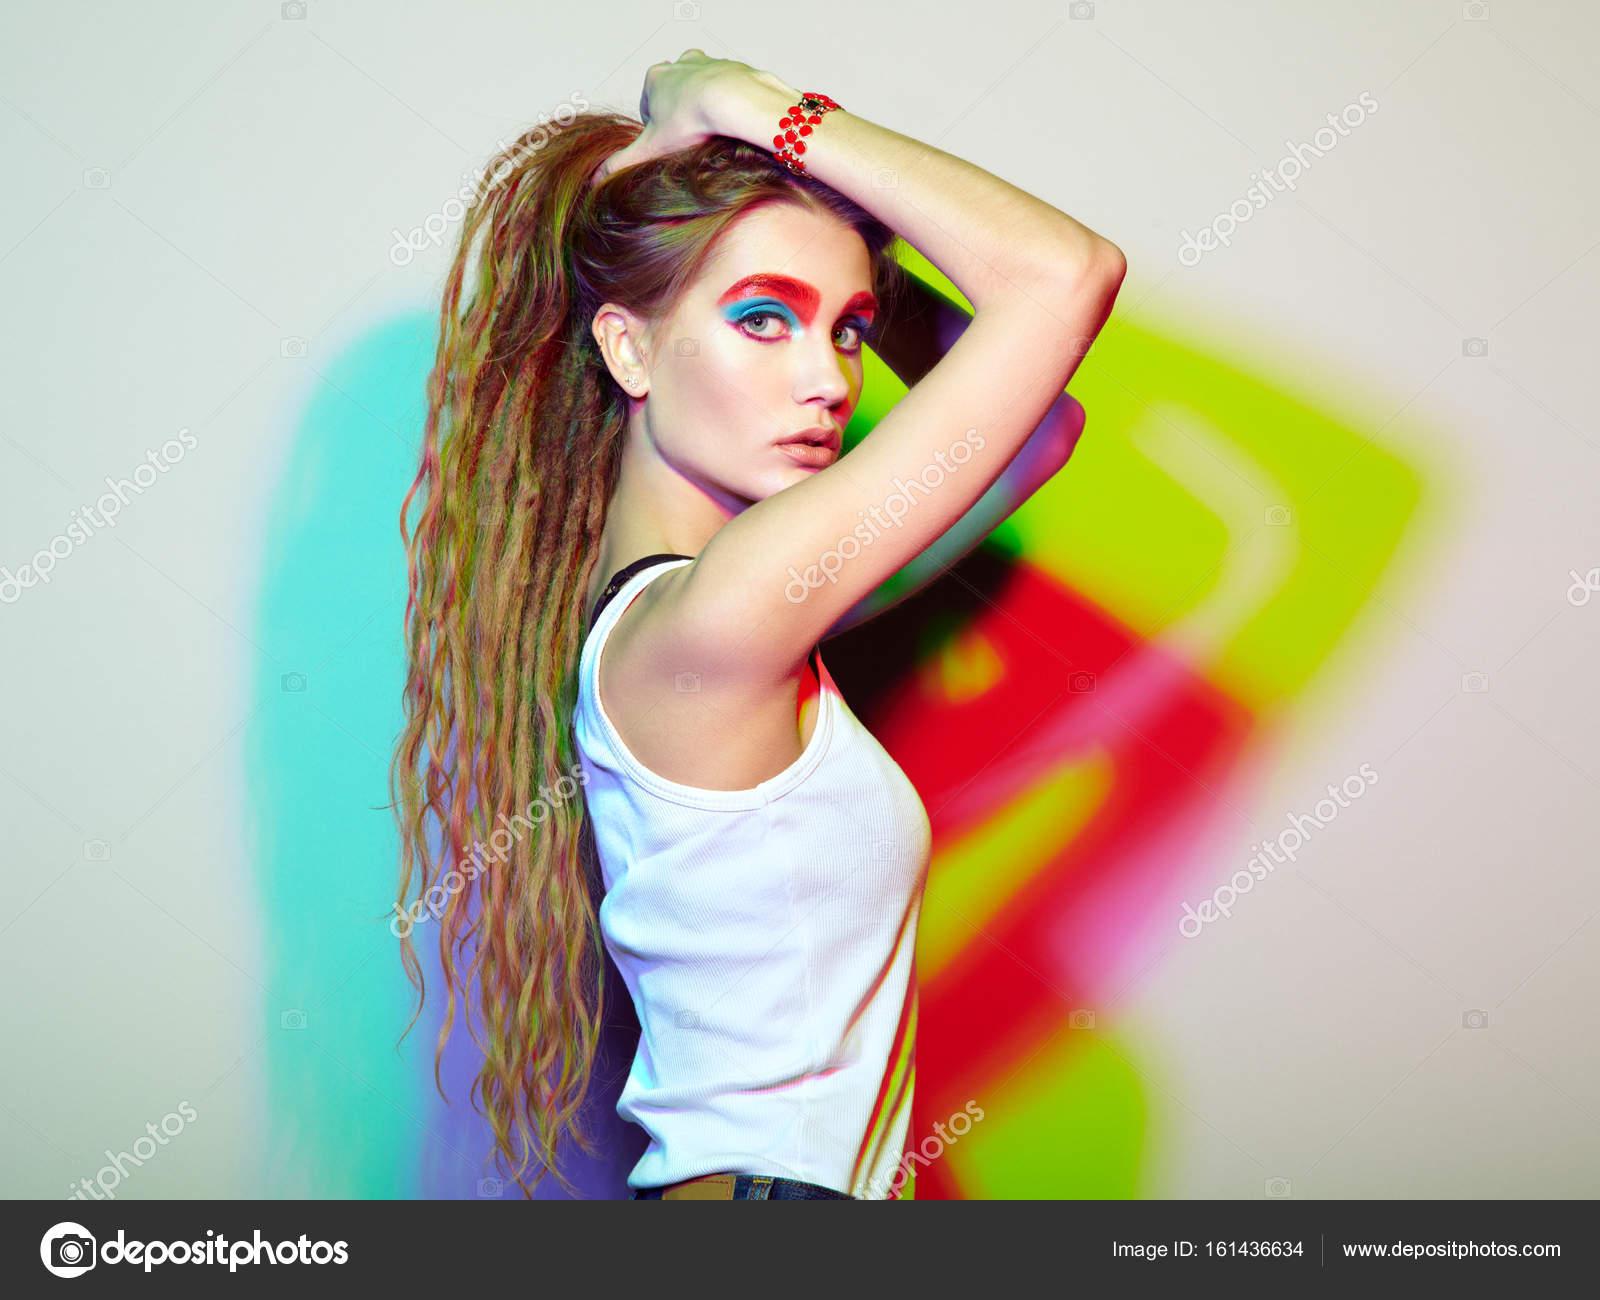 4d02c781a Retrato de joven hermosa chica con rastas. Foto de moda. Peinado.  Conforman. Estilo hippie - maquillaje hippie chica — Foto de ...